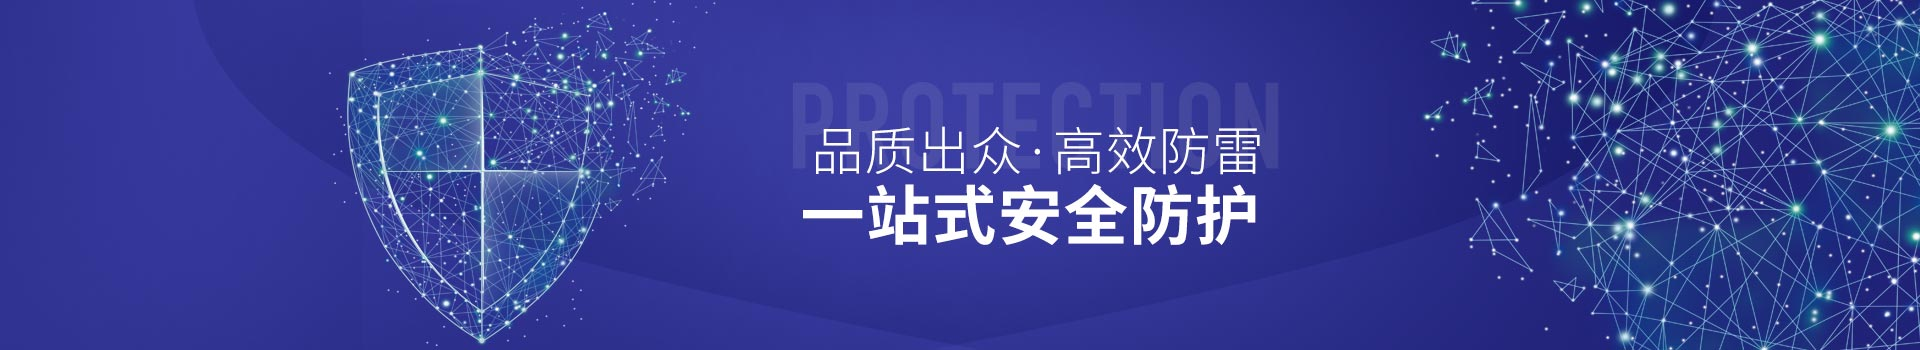 天盾电源防雷器,品质出众,高效防雷,一站式安全防护